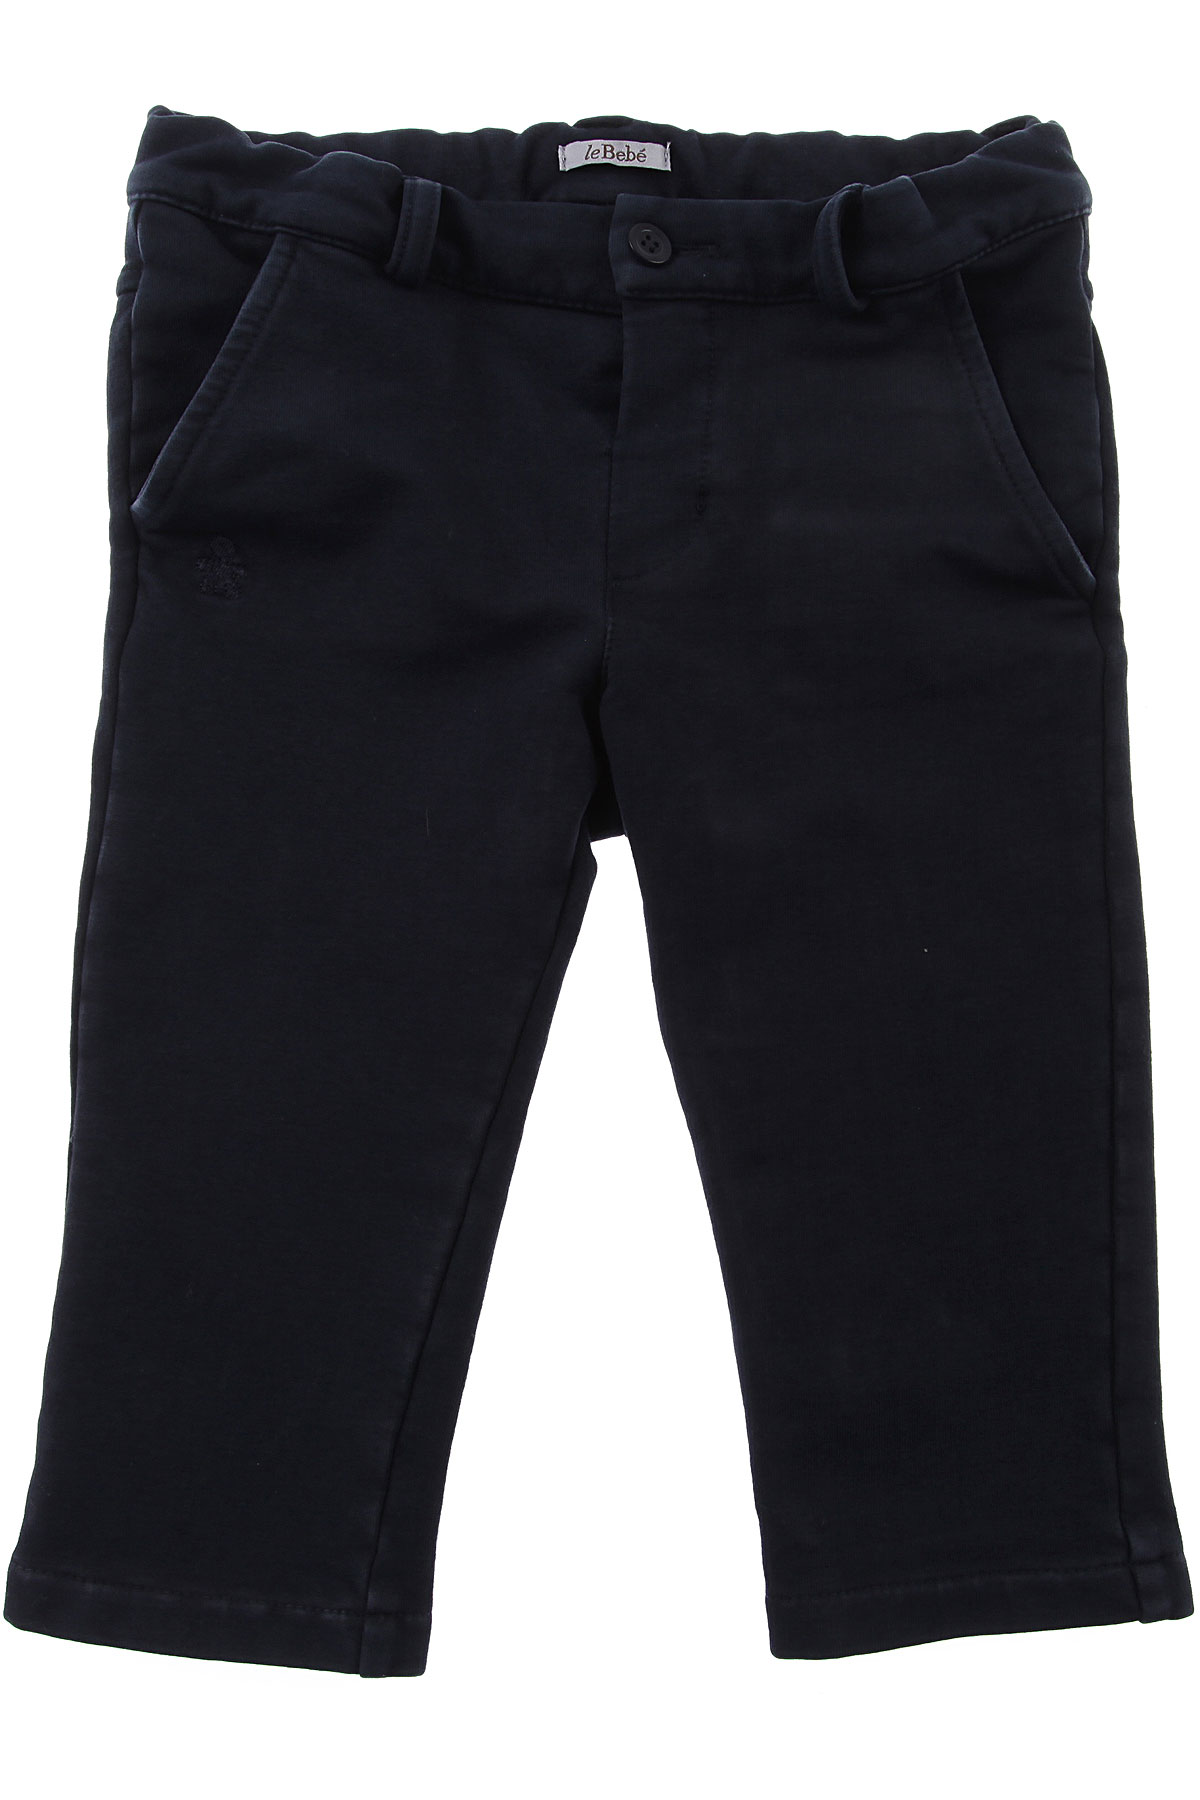 Image of Le Bebe Baby Pants for Boys, Blue, Cotton, 2017, 12M 18M 3M 6M 9M